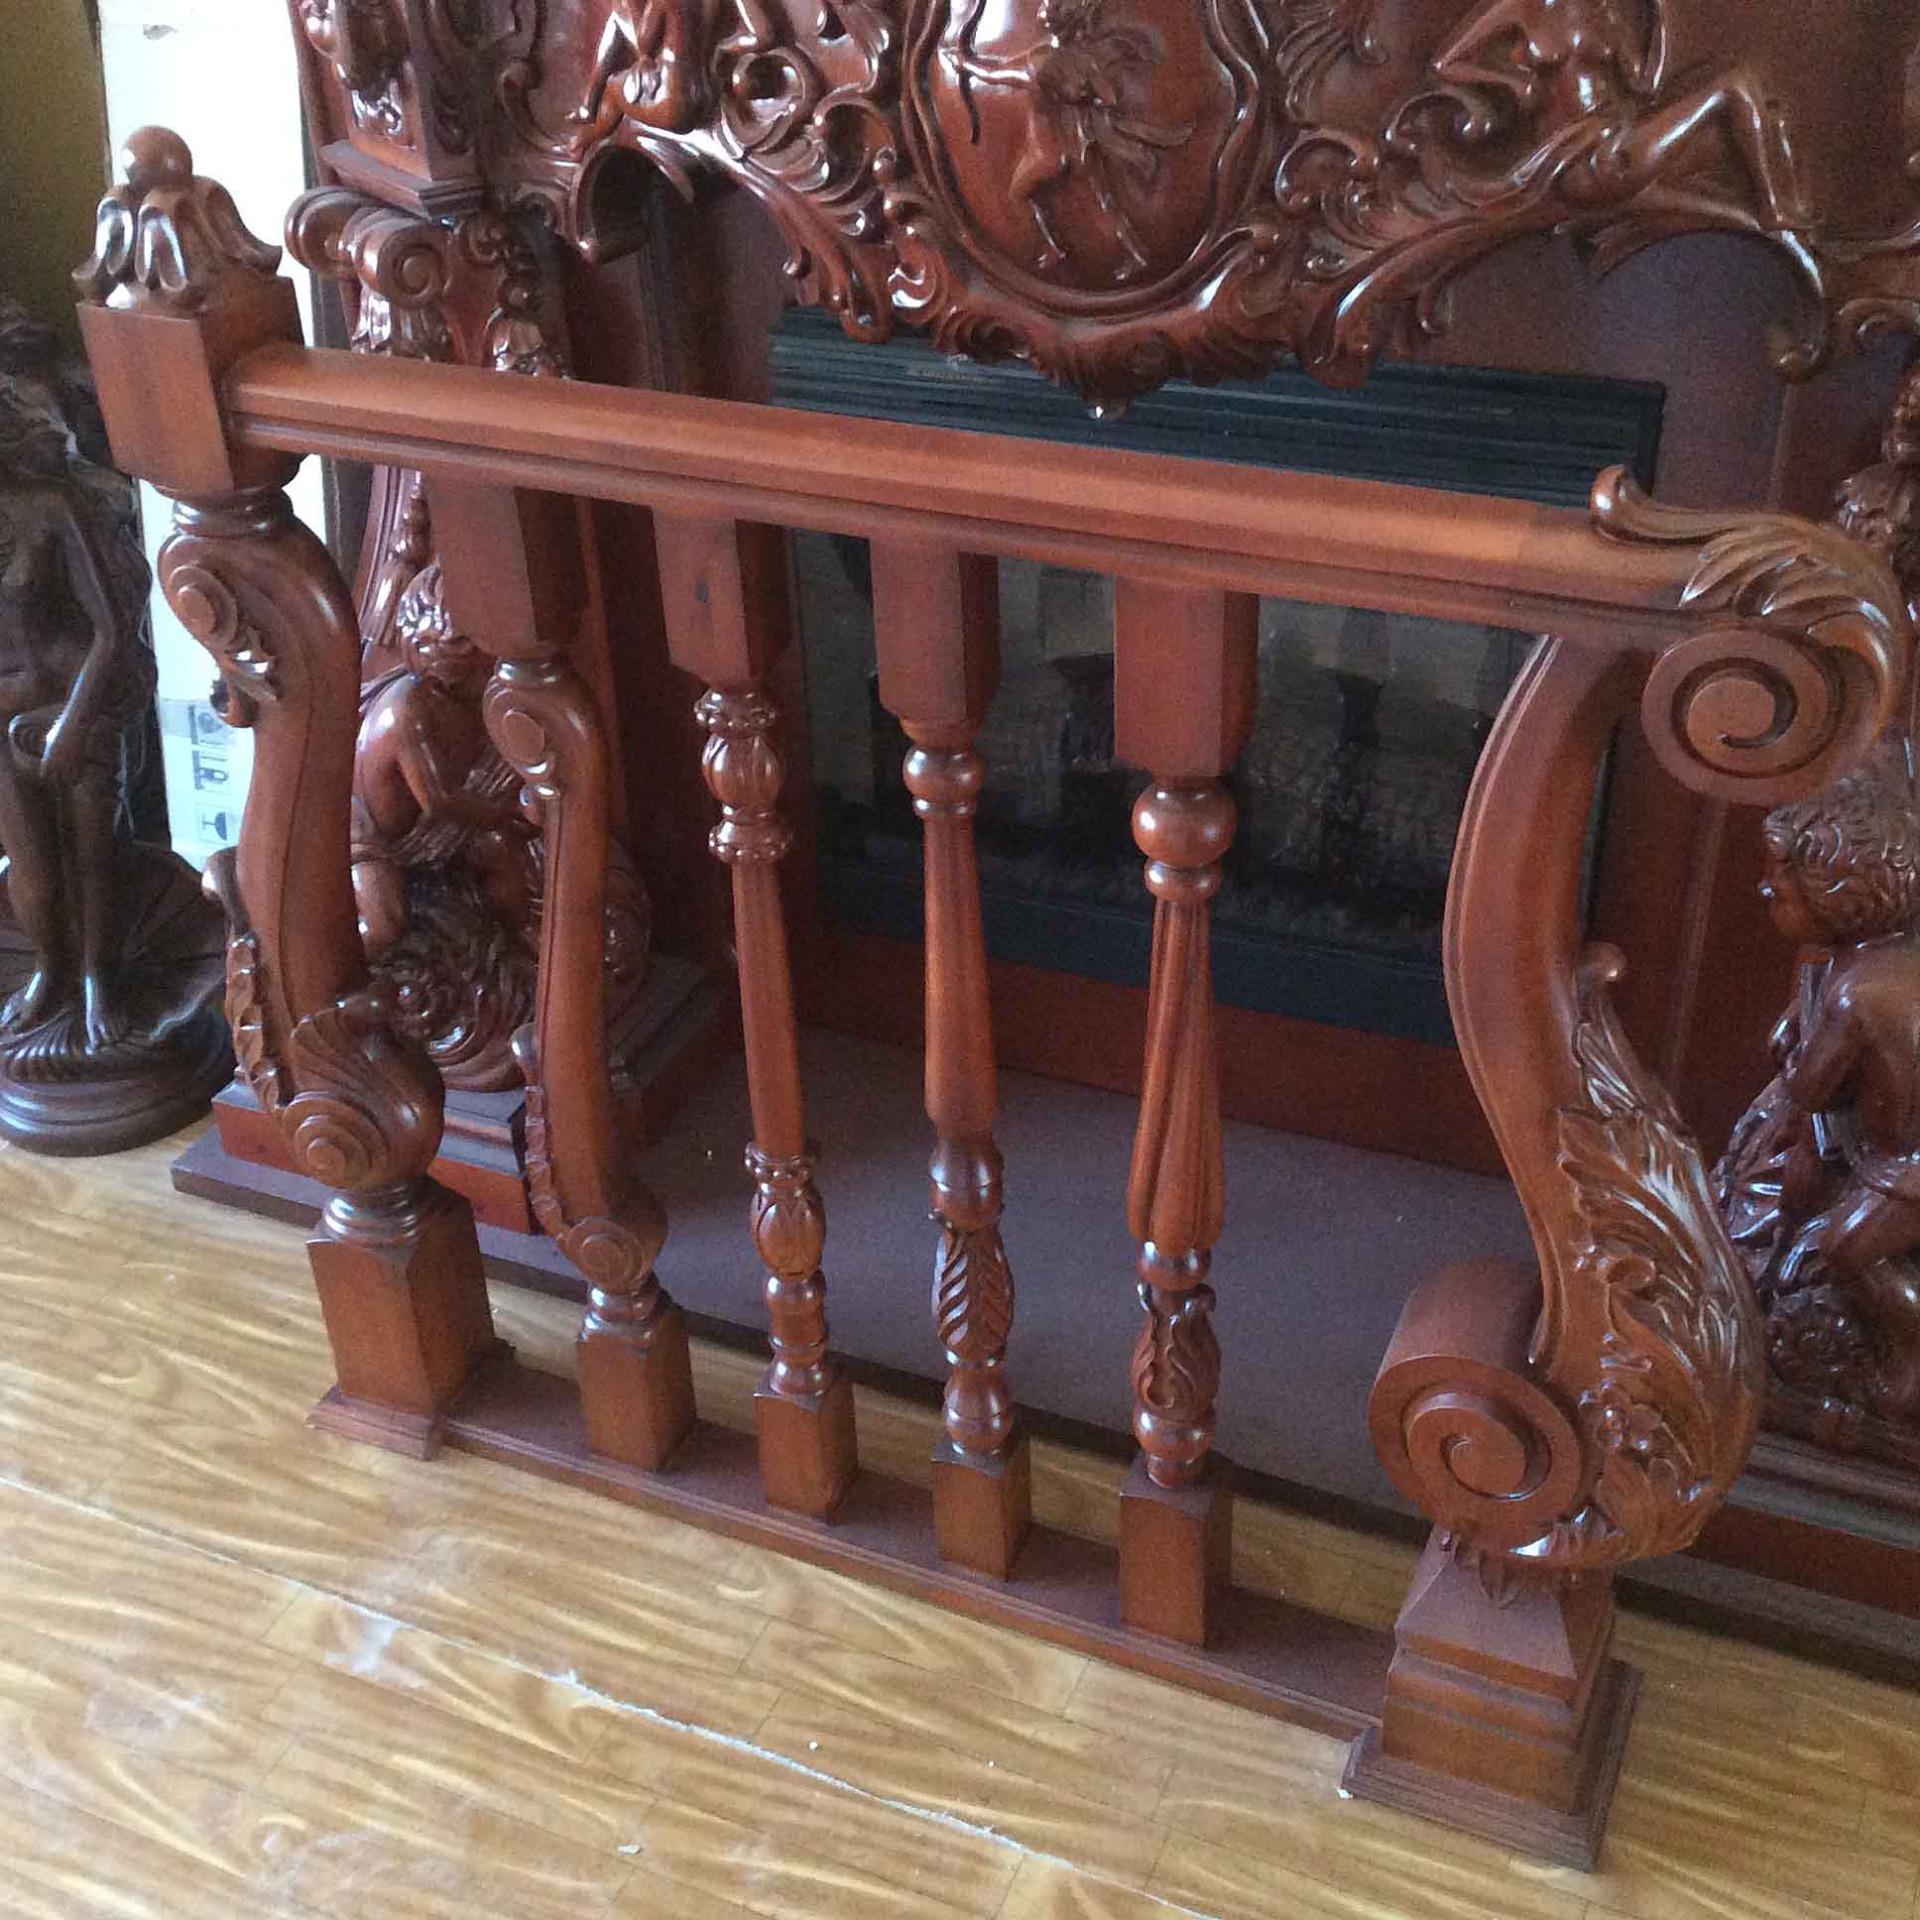 Недорогие деревянные лестницы в Краснодаре на заказ